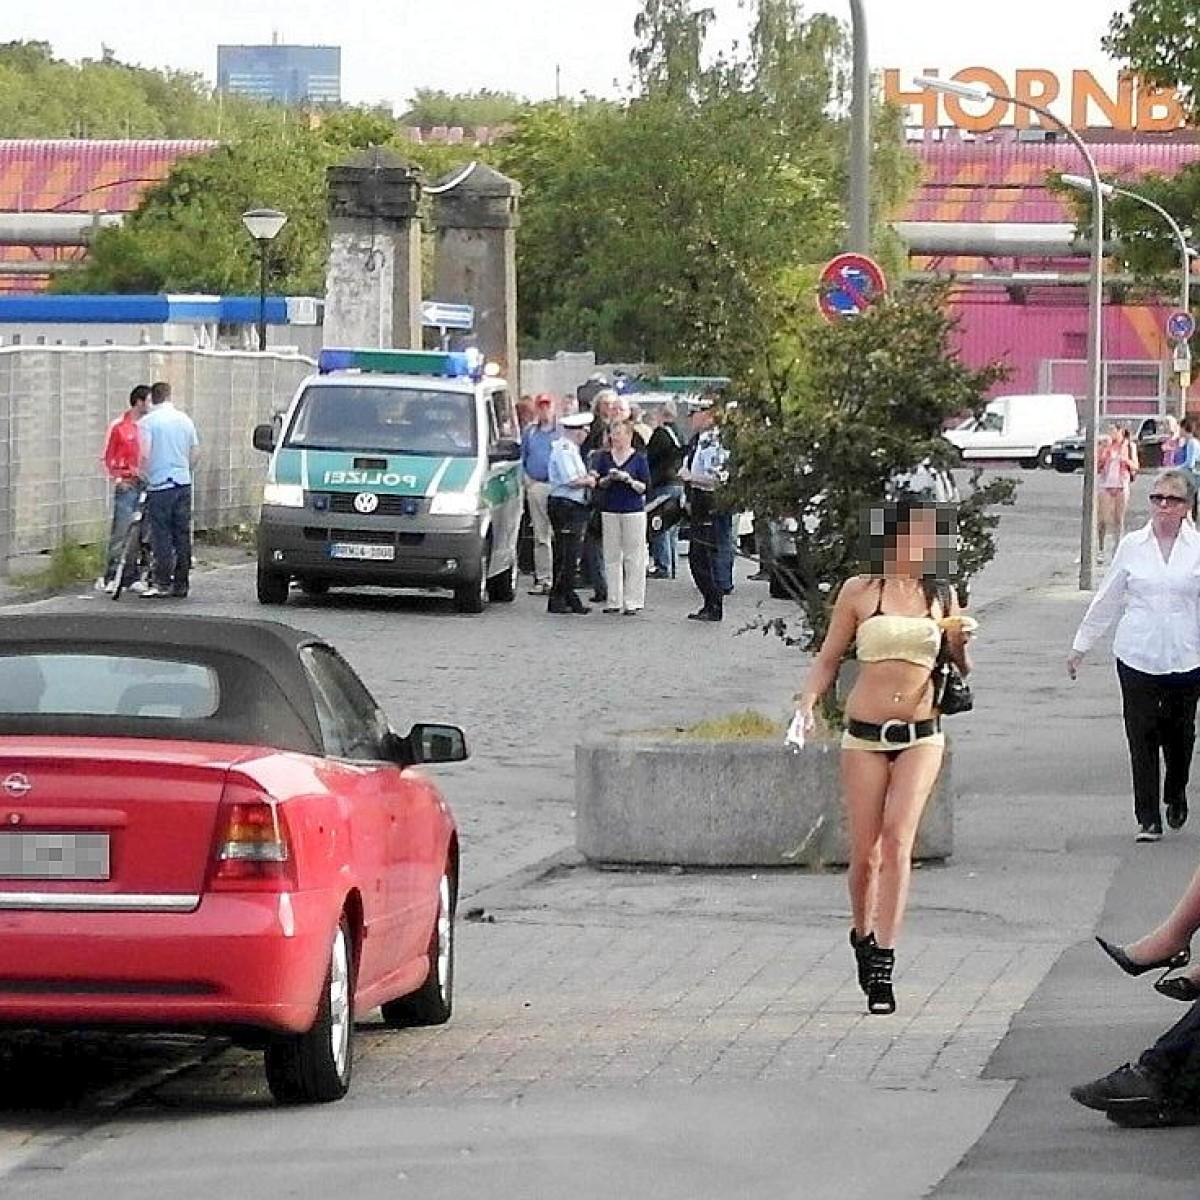 Dortmund aktuelle straßenprostitution Straßenprostitution: Für